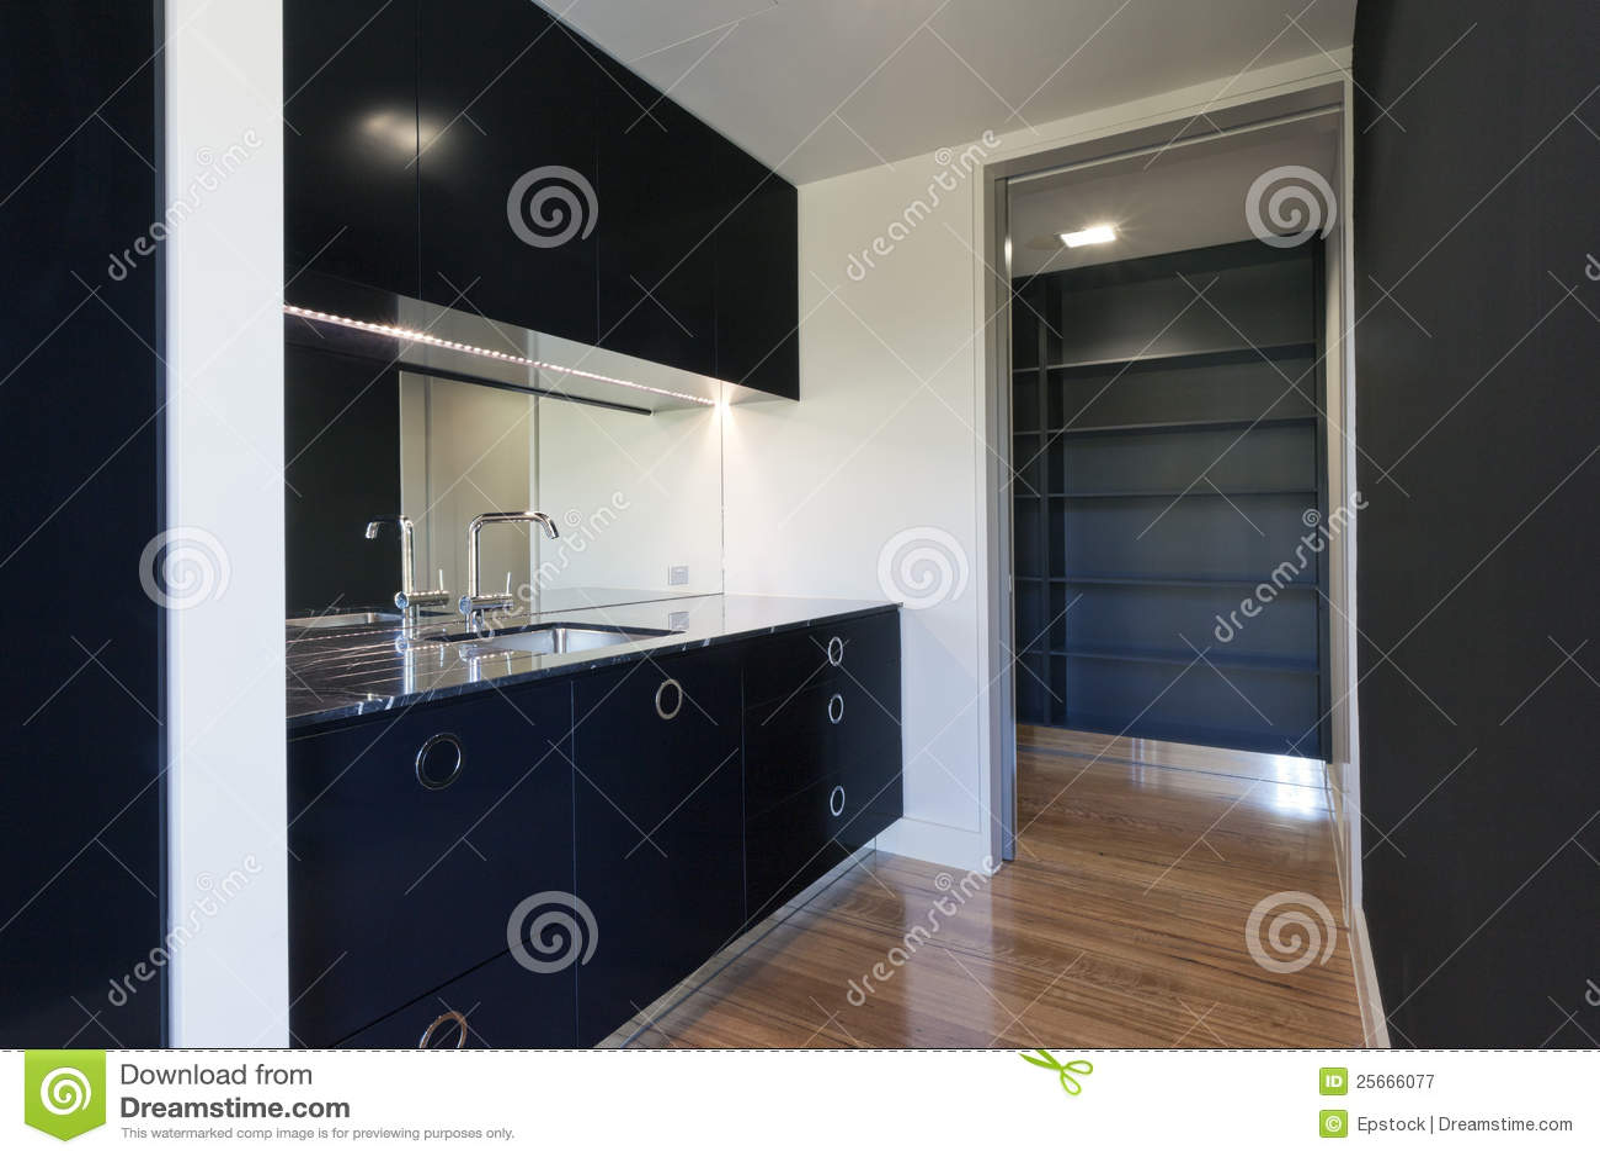 Piccola cucina moderna immagine stock. Immagine di nero - 25666077